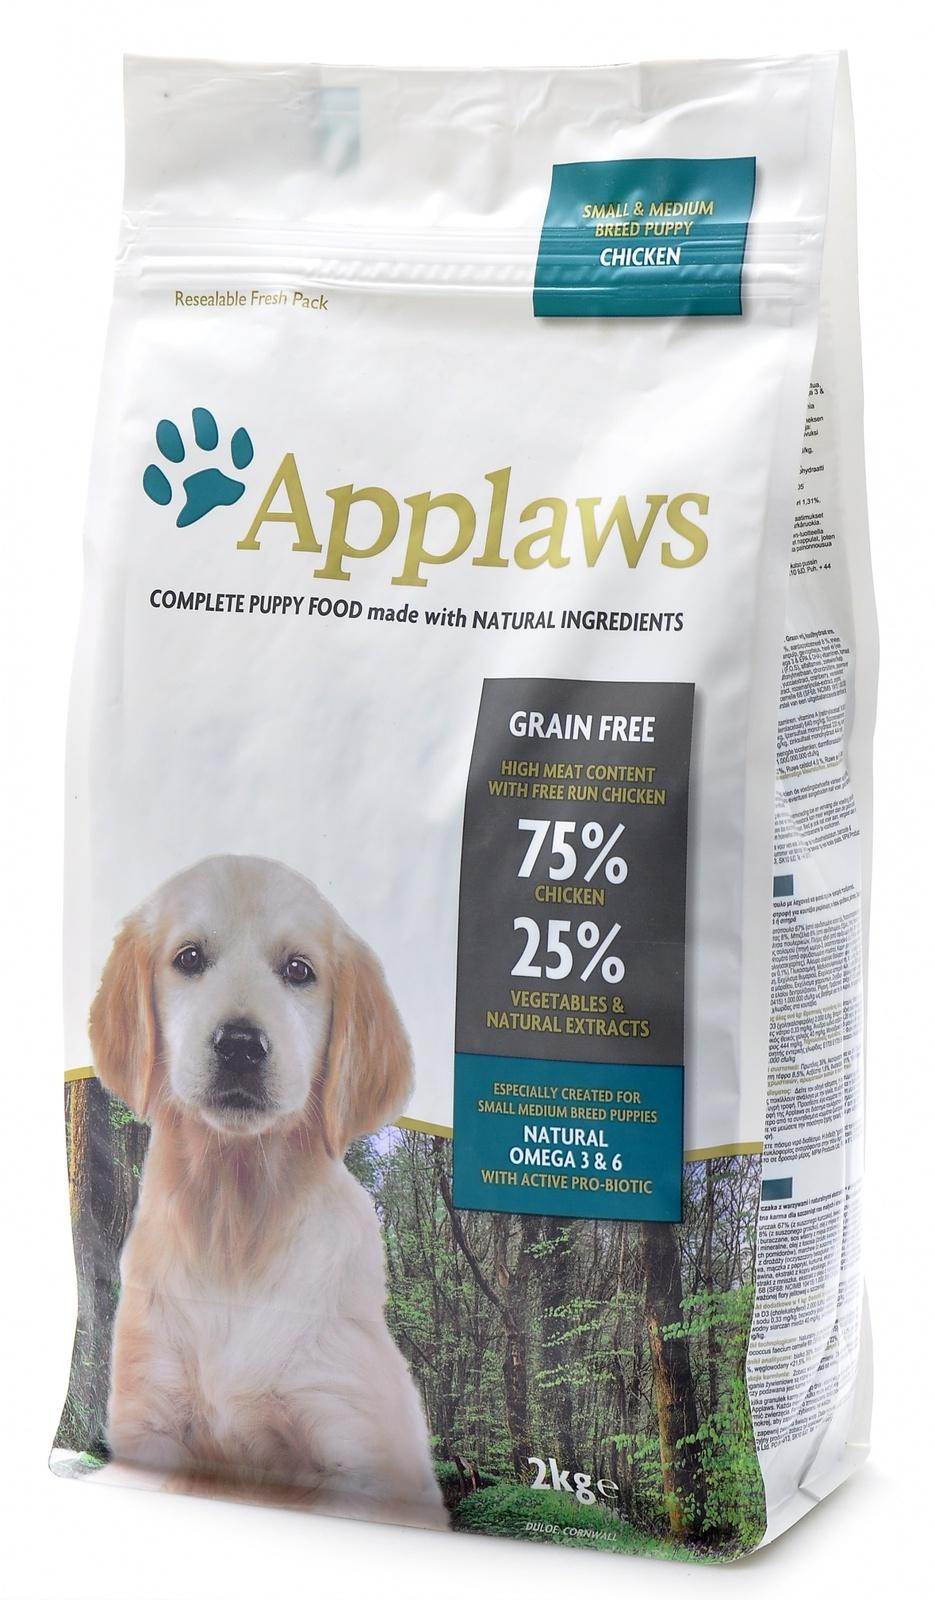 Эплауз Корм беззерновой для щенков малых и средних пород Dry Dog Chicken Small and Medium Breed Puppy, Курица/овощи, в ассортименте, Applaws